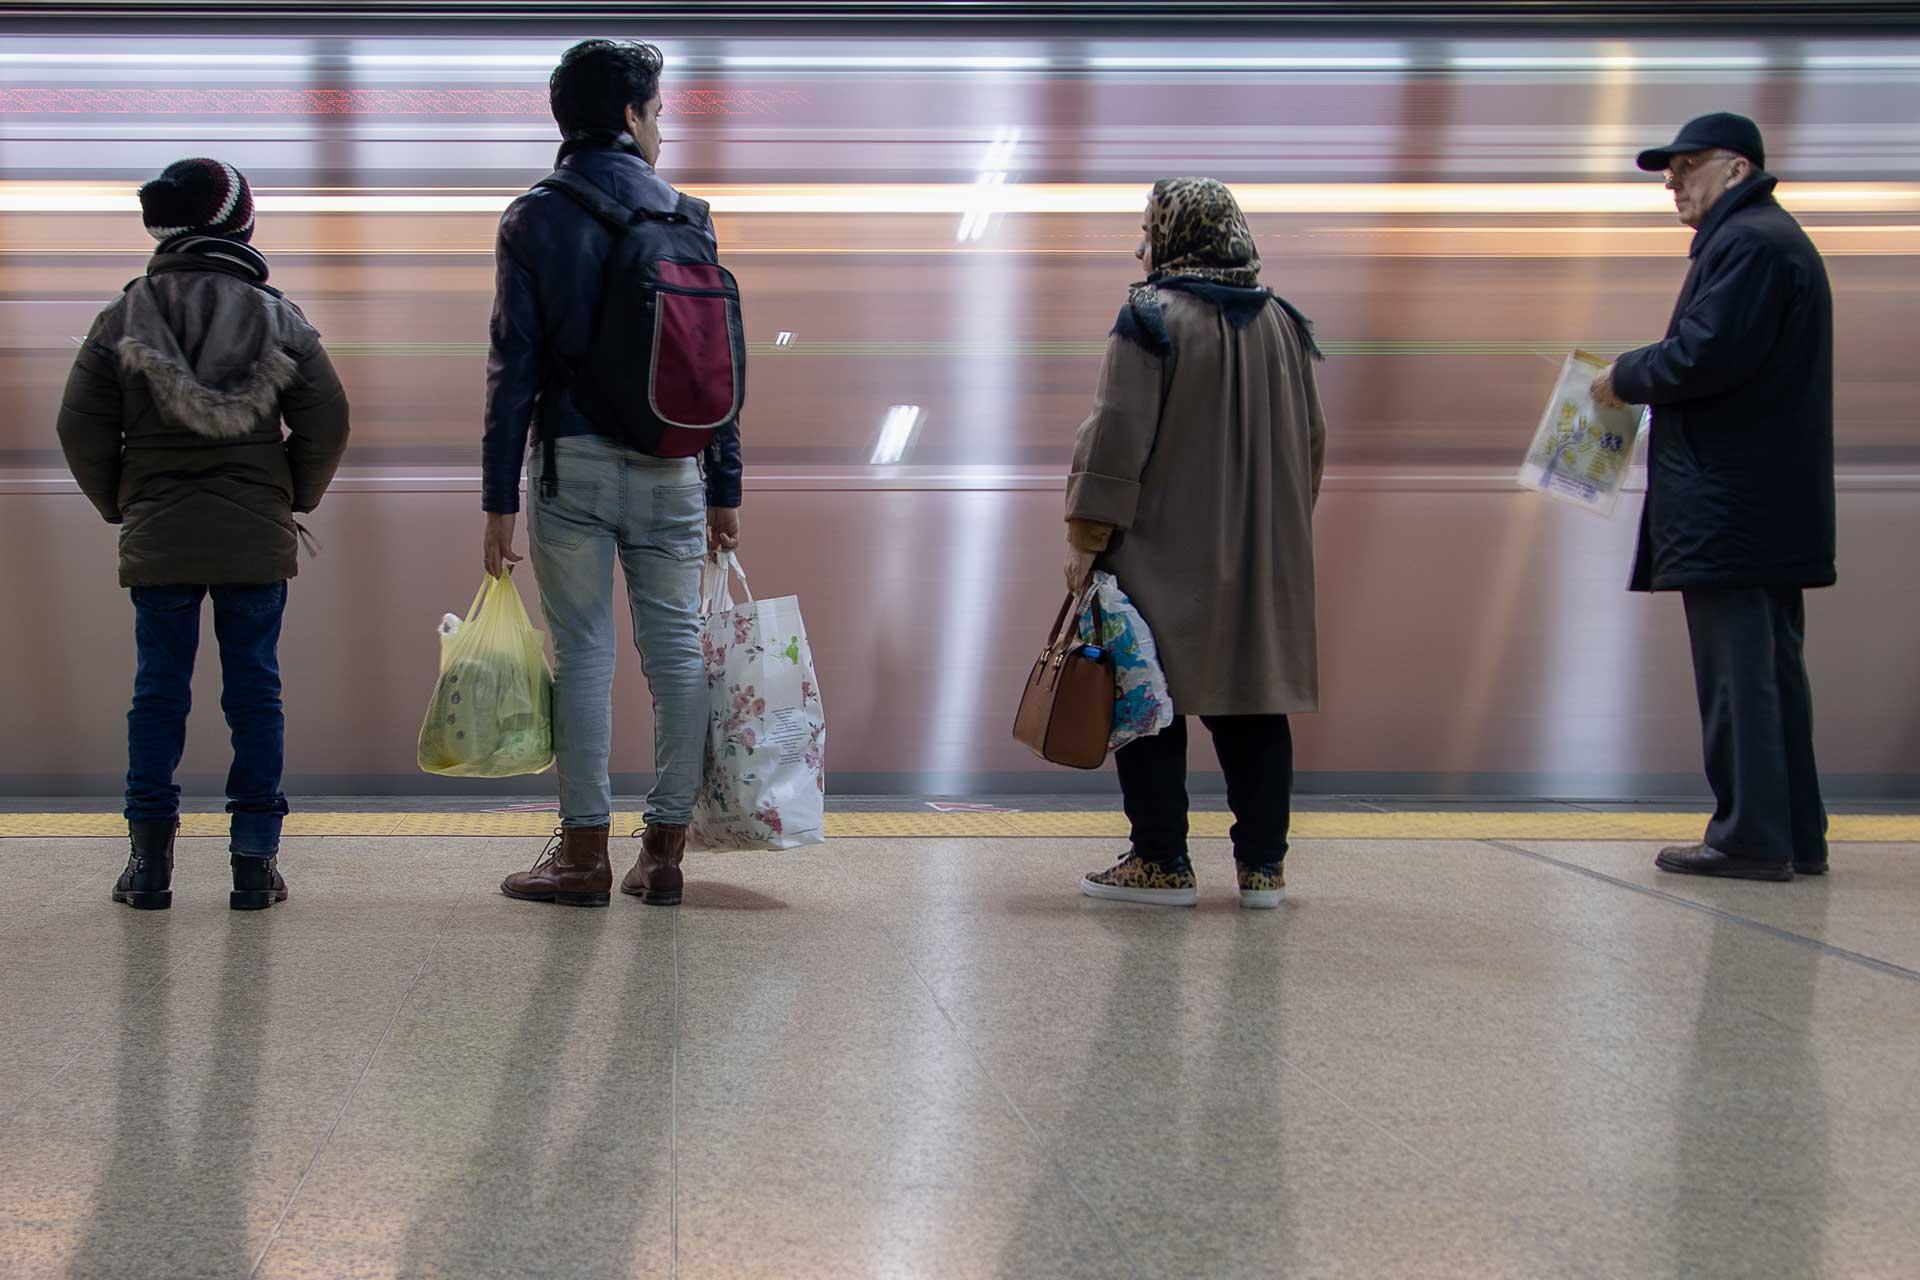 Ankara Batıkent Metrosu Ankara Fotoğrafları Ankara Sokaklarından Resimler Gezgin Fotoğrafçı Çekergezer Hakan Aydın Ankara Fotoğrafları